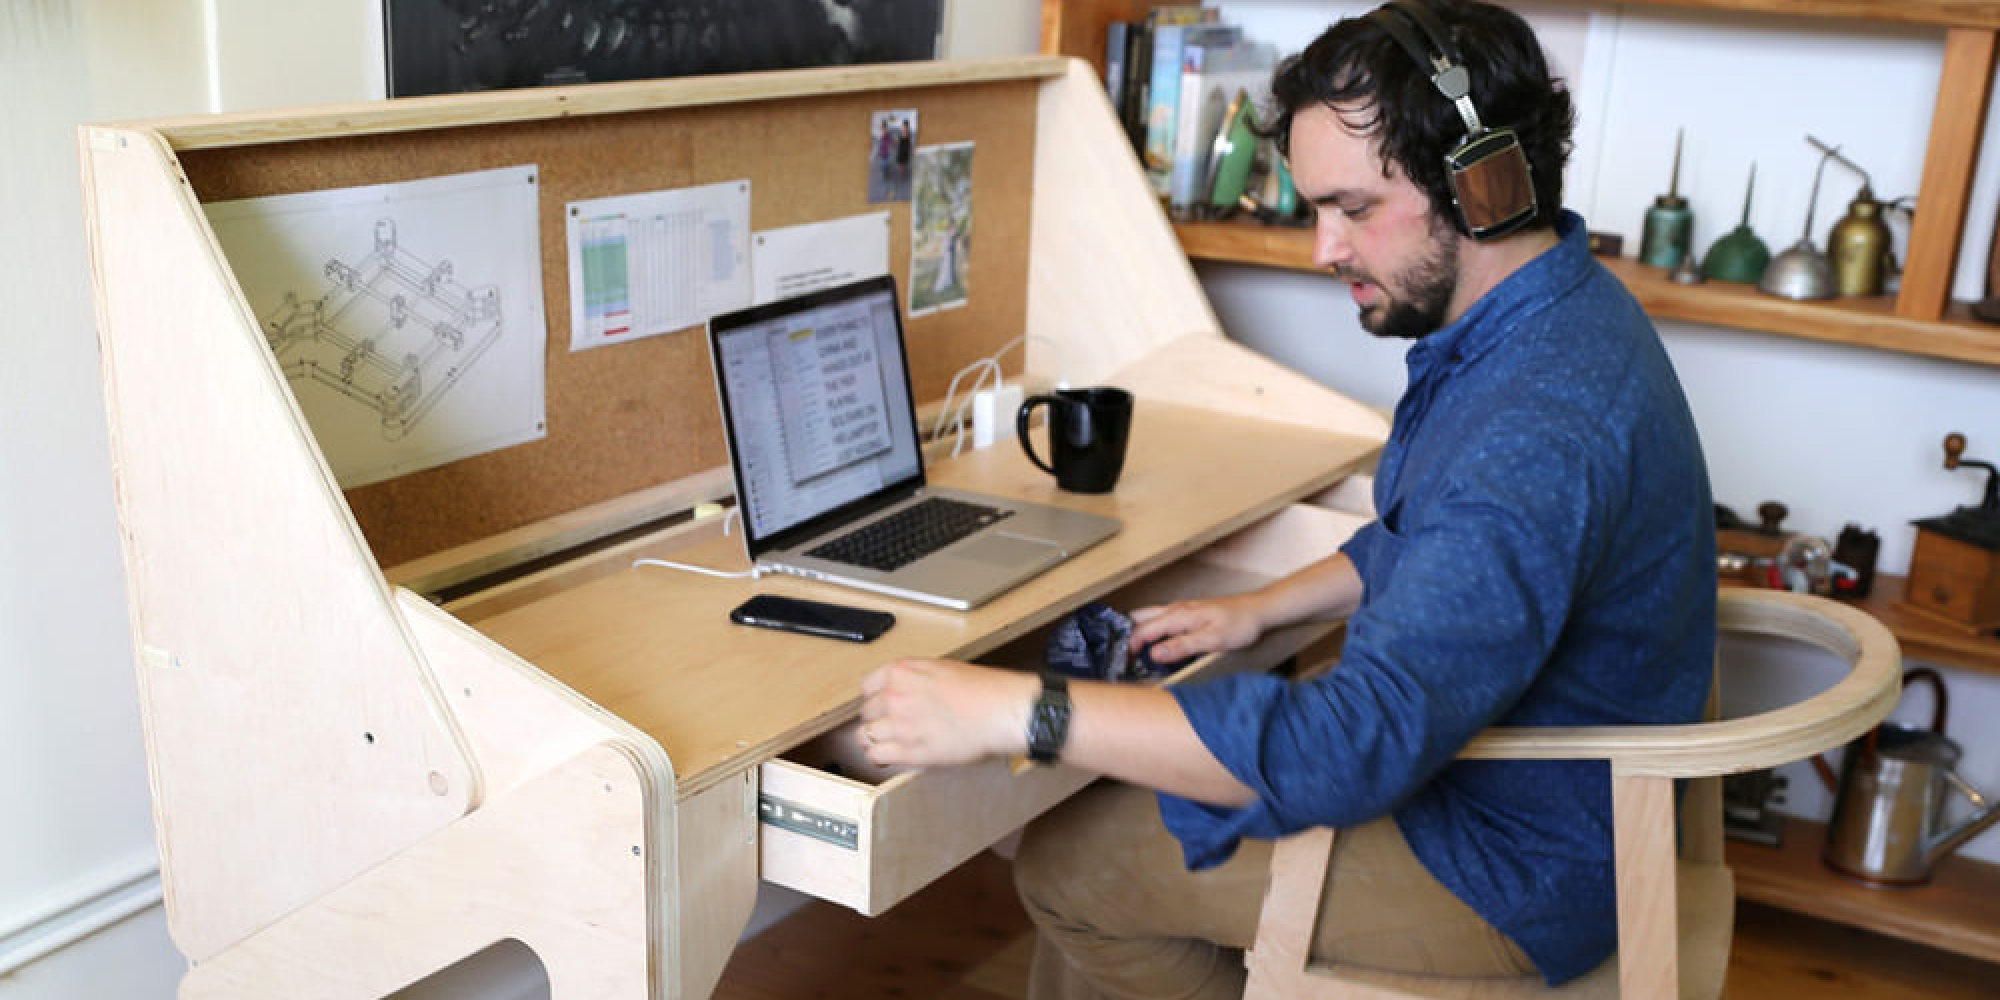 Le bureau convertible qui se transforme en bar photos for Bureau qui se referme